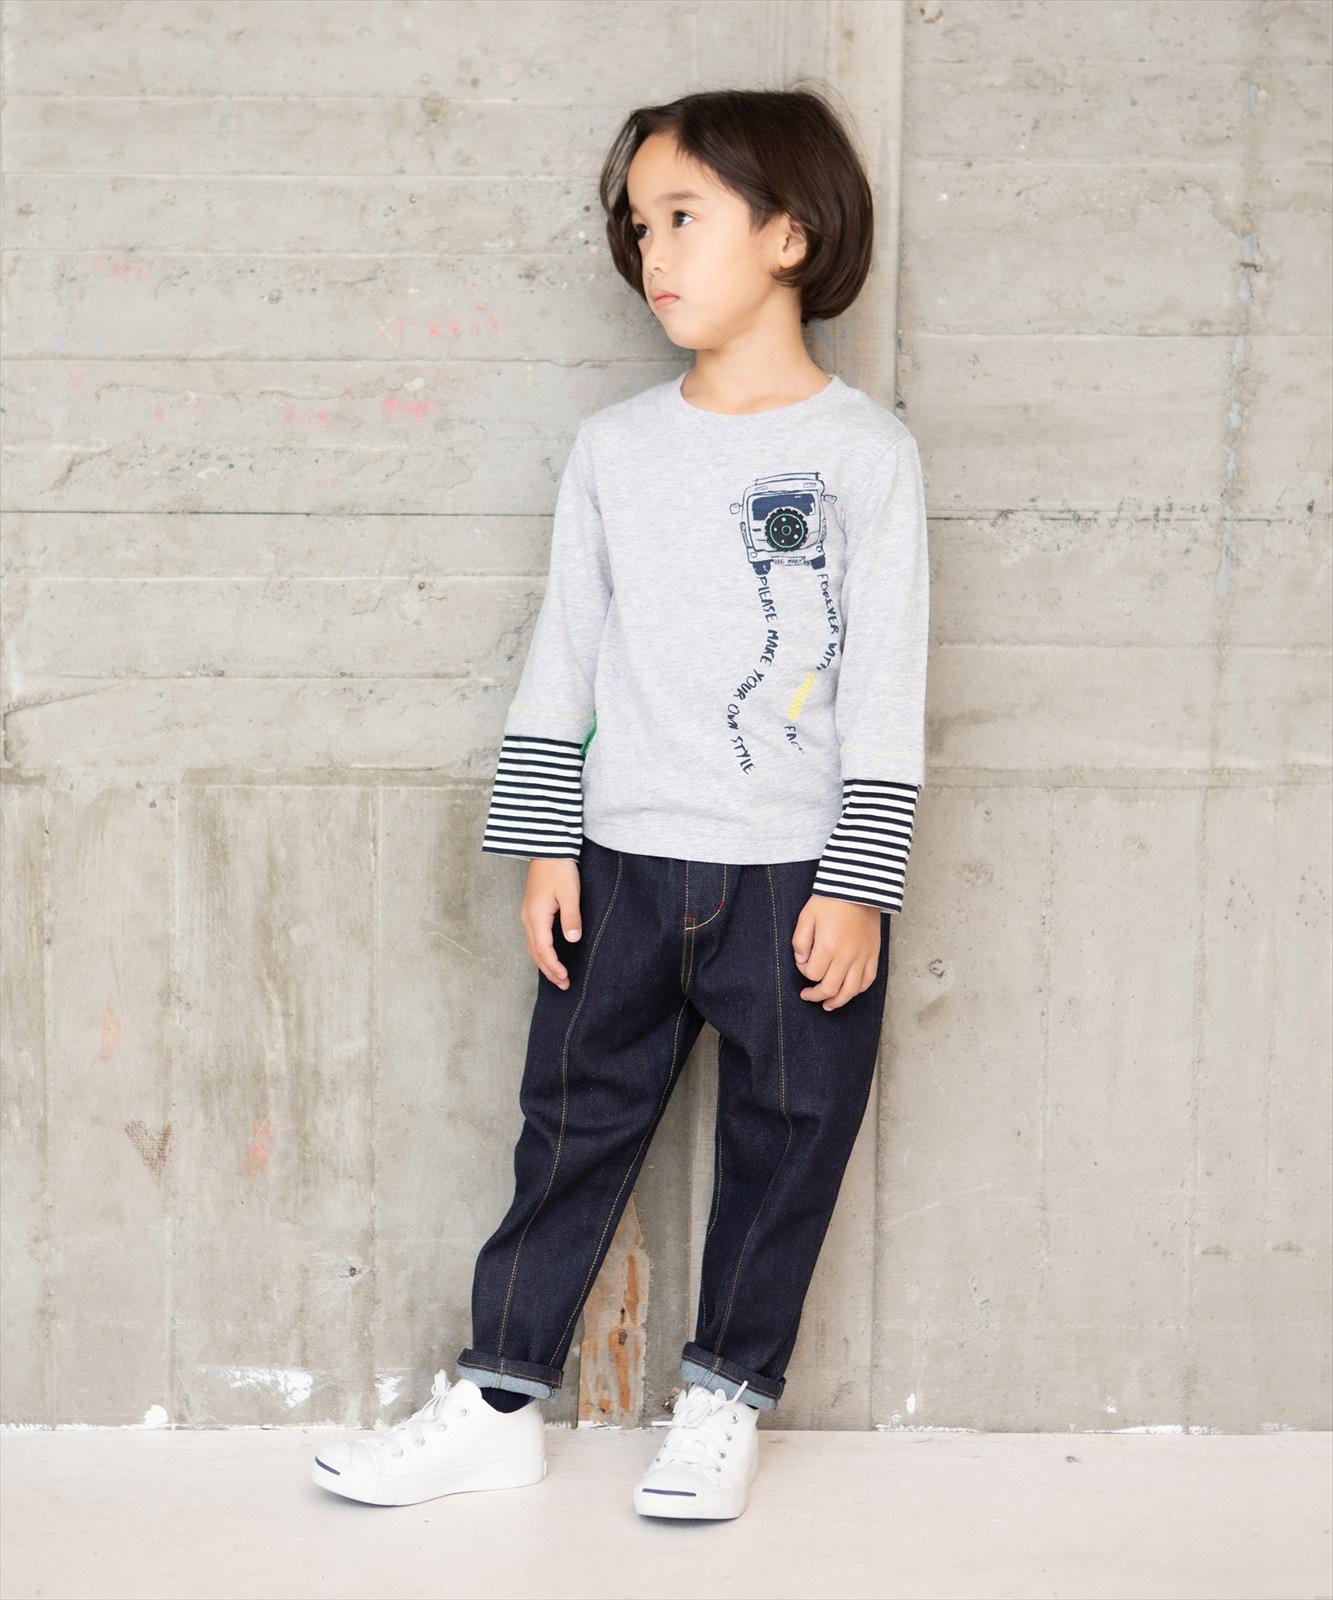 【セール】クルマプリントレイヤード風Tシャツ